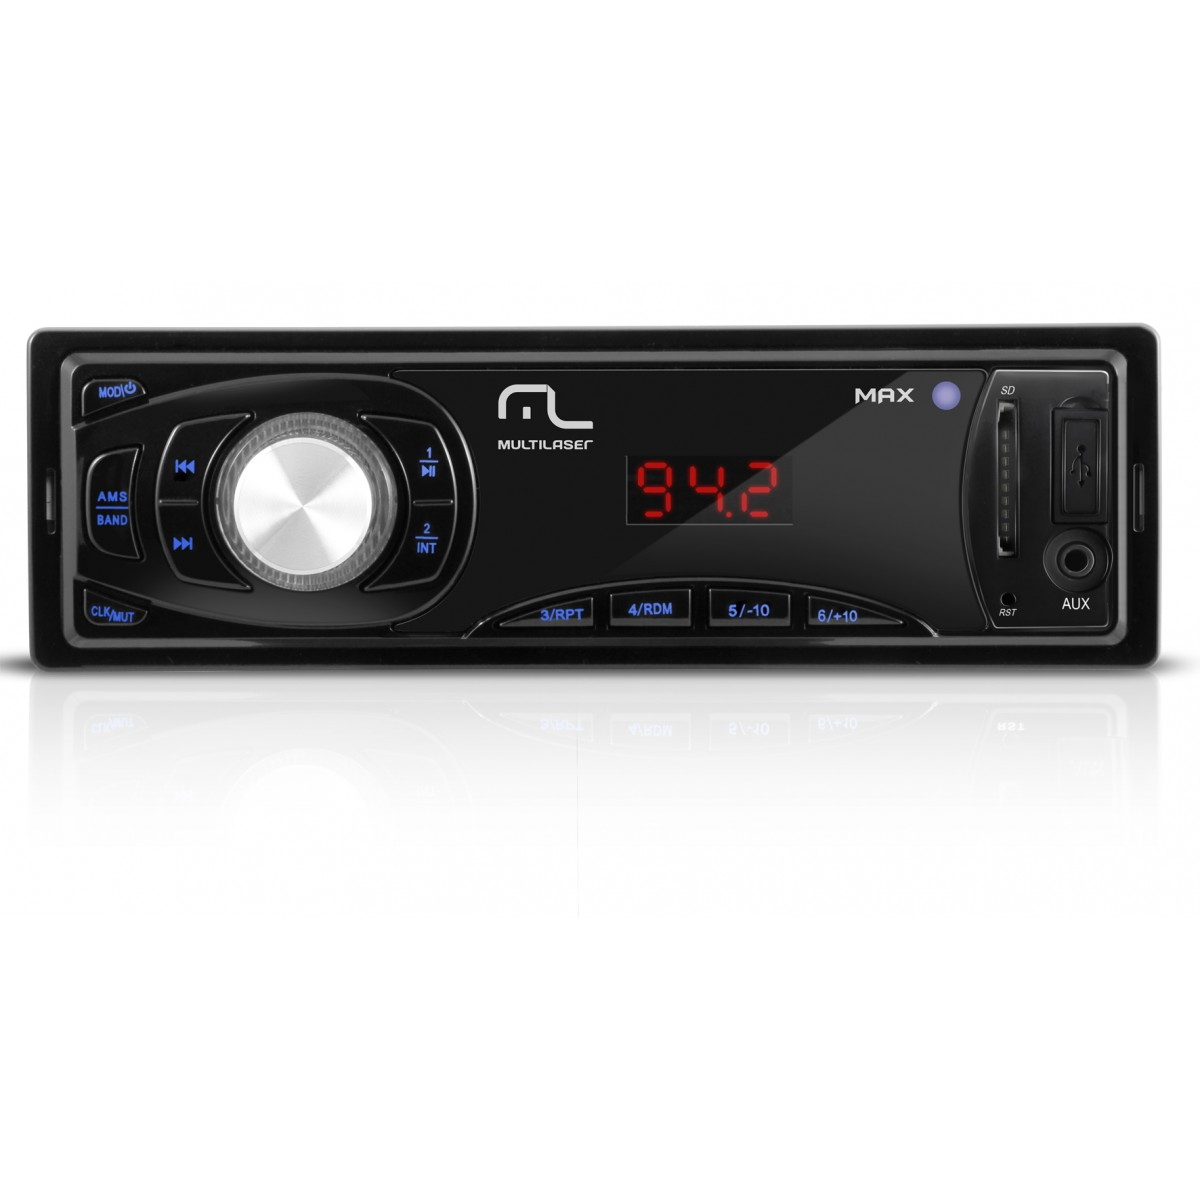 Som Automotivo com leitor USB-SD MAXSOM P3208 - Multilaser